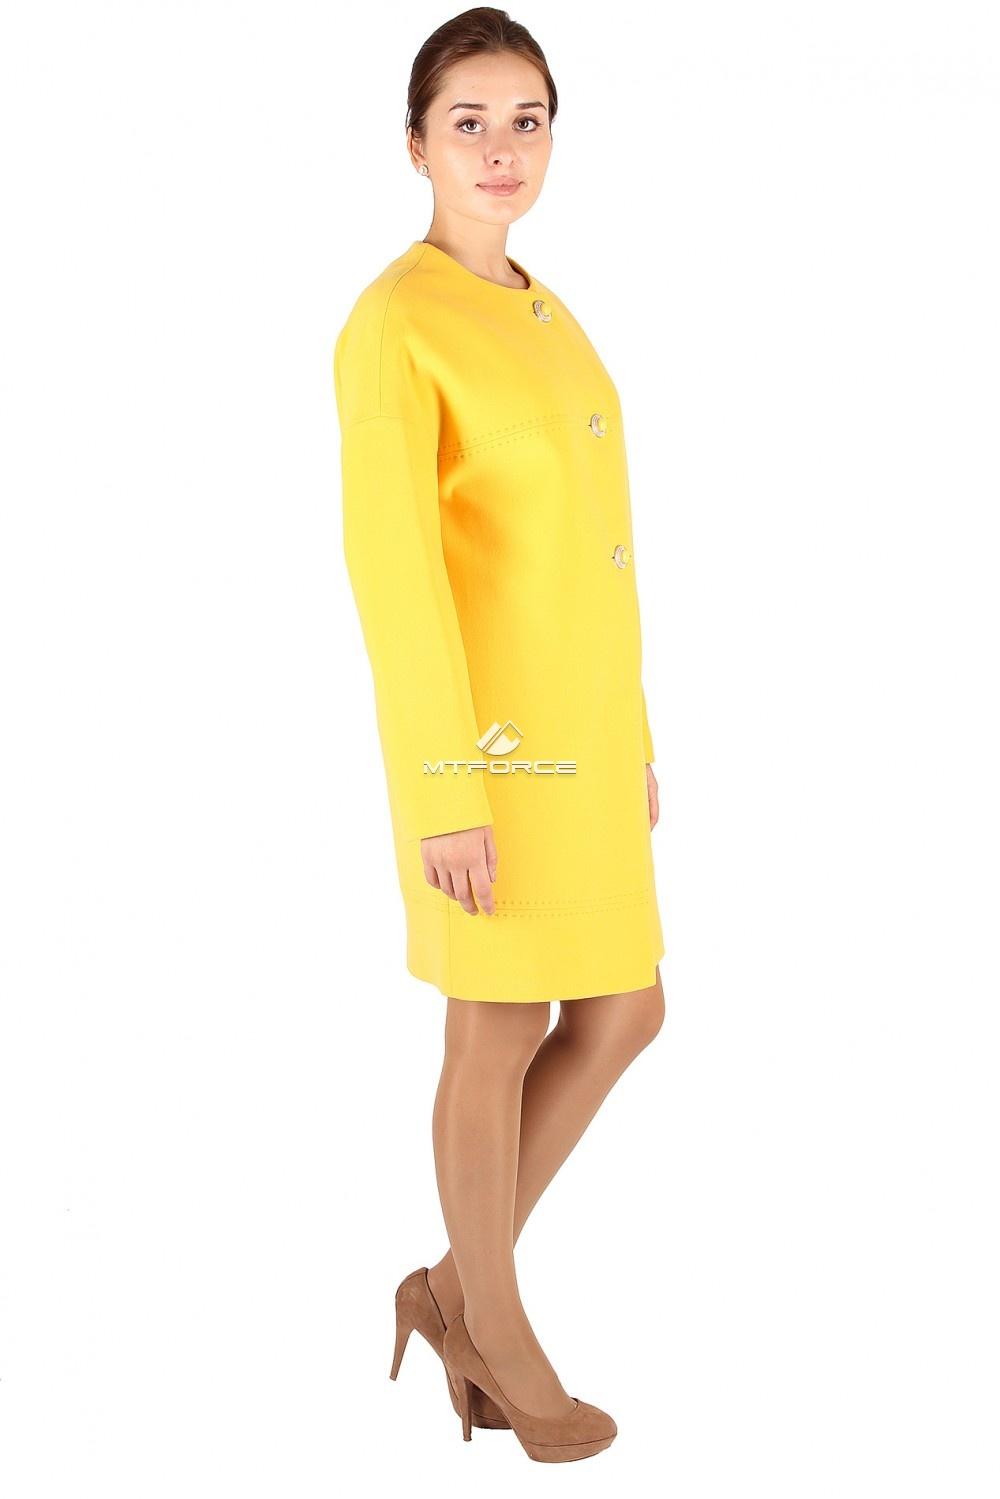 Купить оптом Пальто женское желтого цвета 369J в Санкт-Петербурге